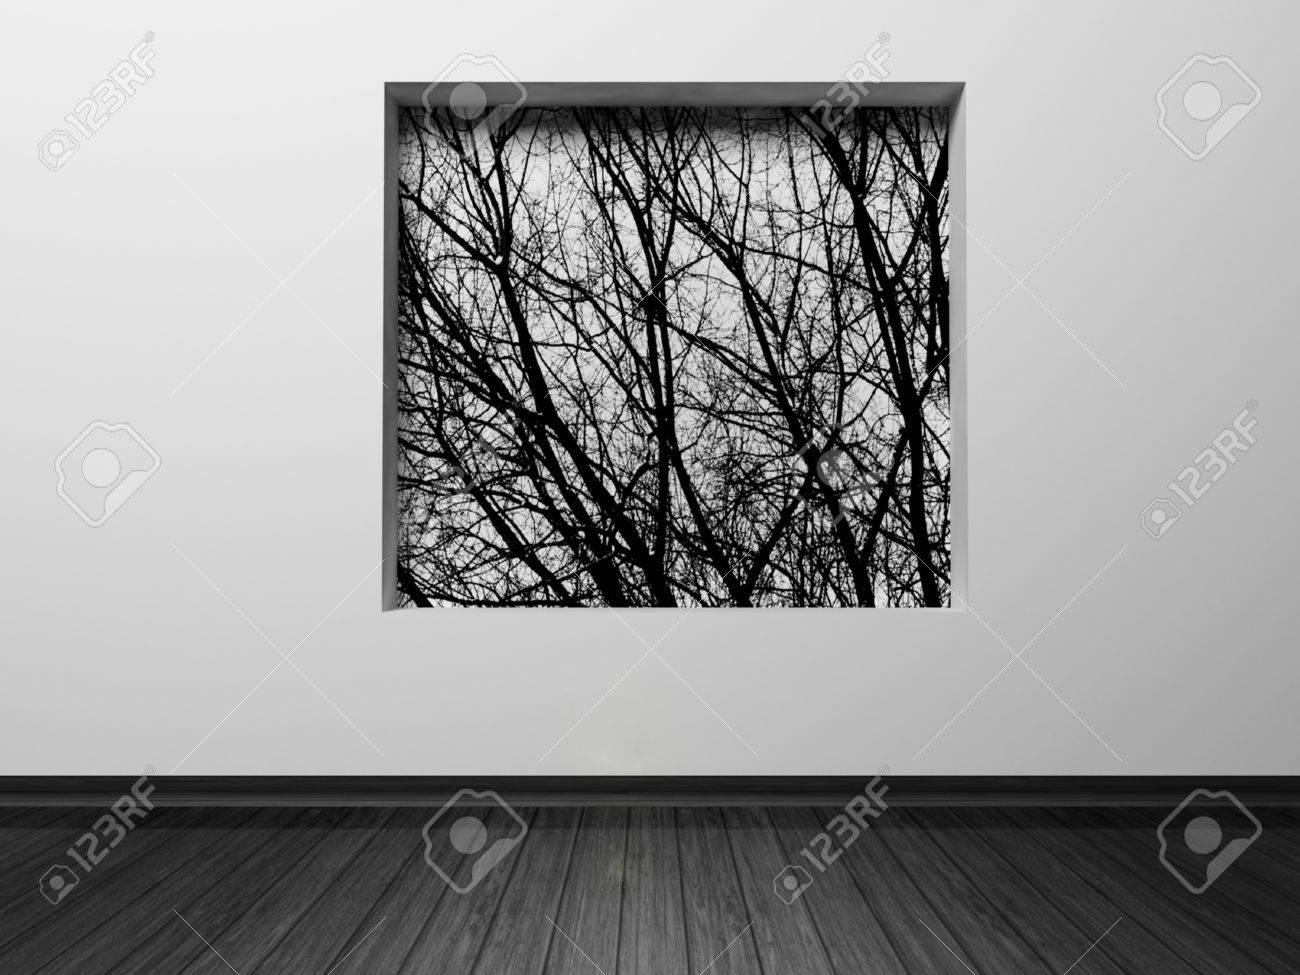 Interior design scene with a niche in the wall Stock Photo - 12867983